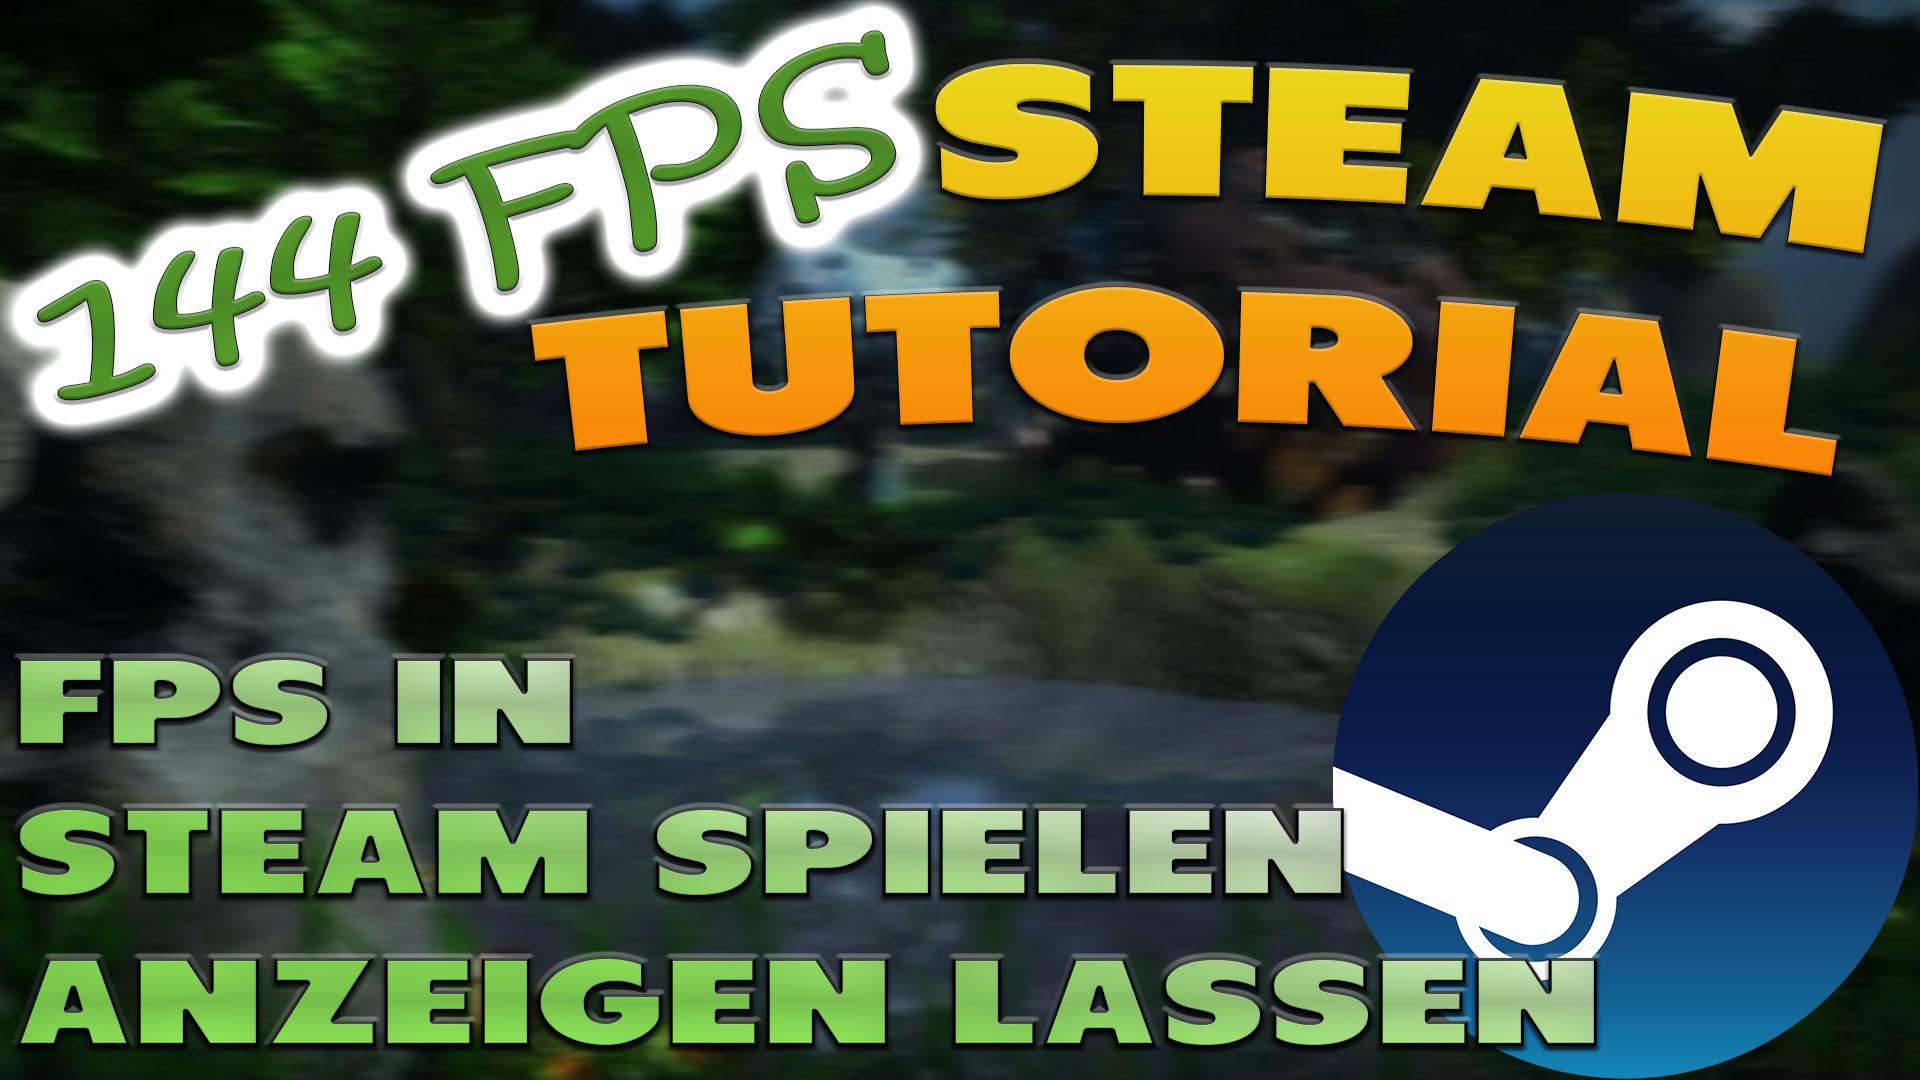 FPS in Steam Spielen anzeigen lassen - Haton.net